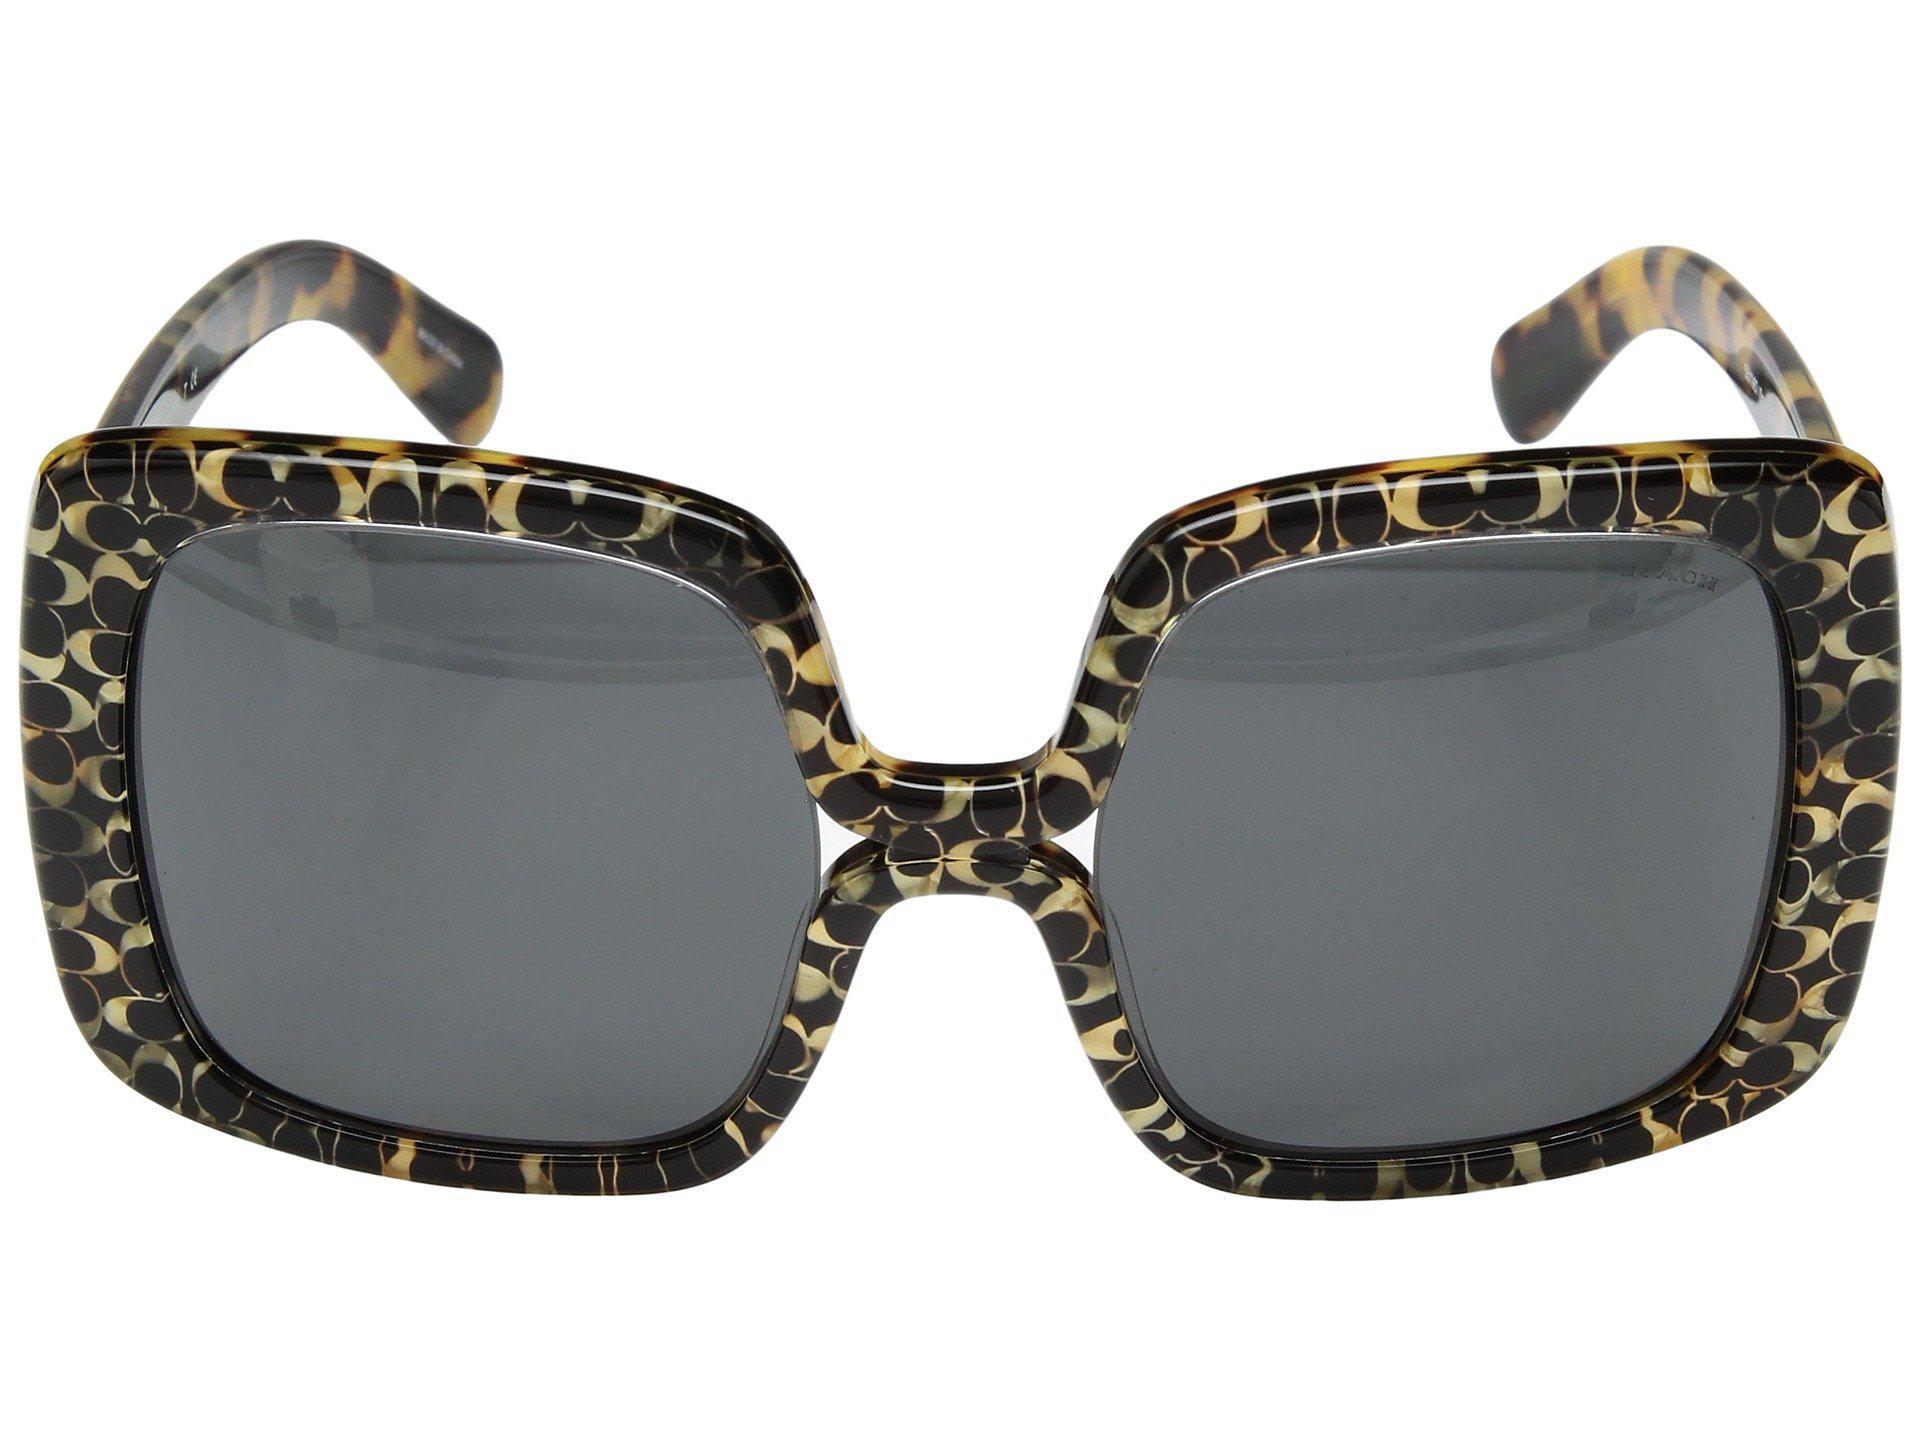 77f97e8593aa7 COACH - Multicolor 0hc8245 56mm (spotty Tortoise Signature C dark Grey)  Fashion Sunglasses. View fullscreen